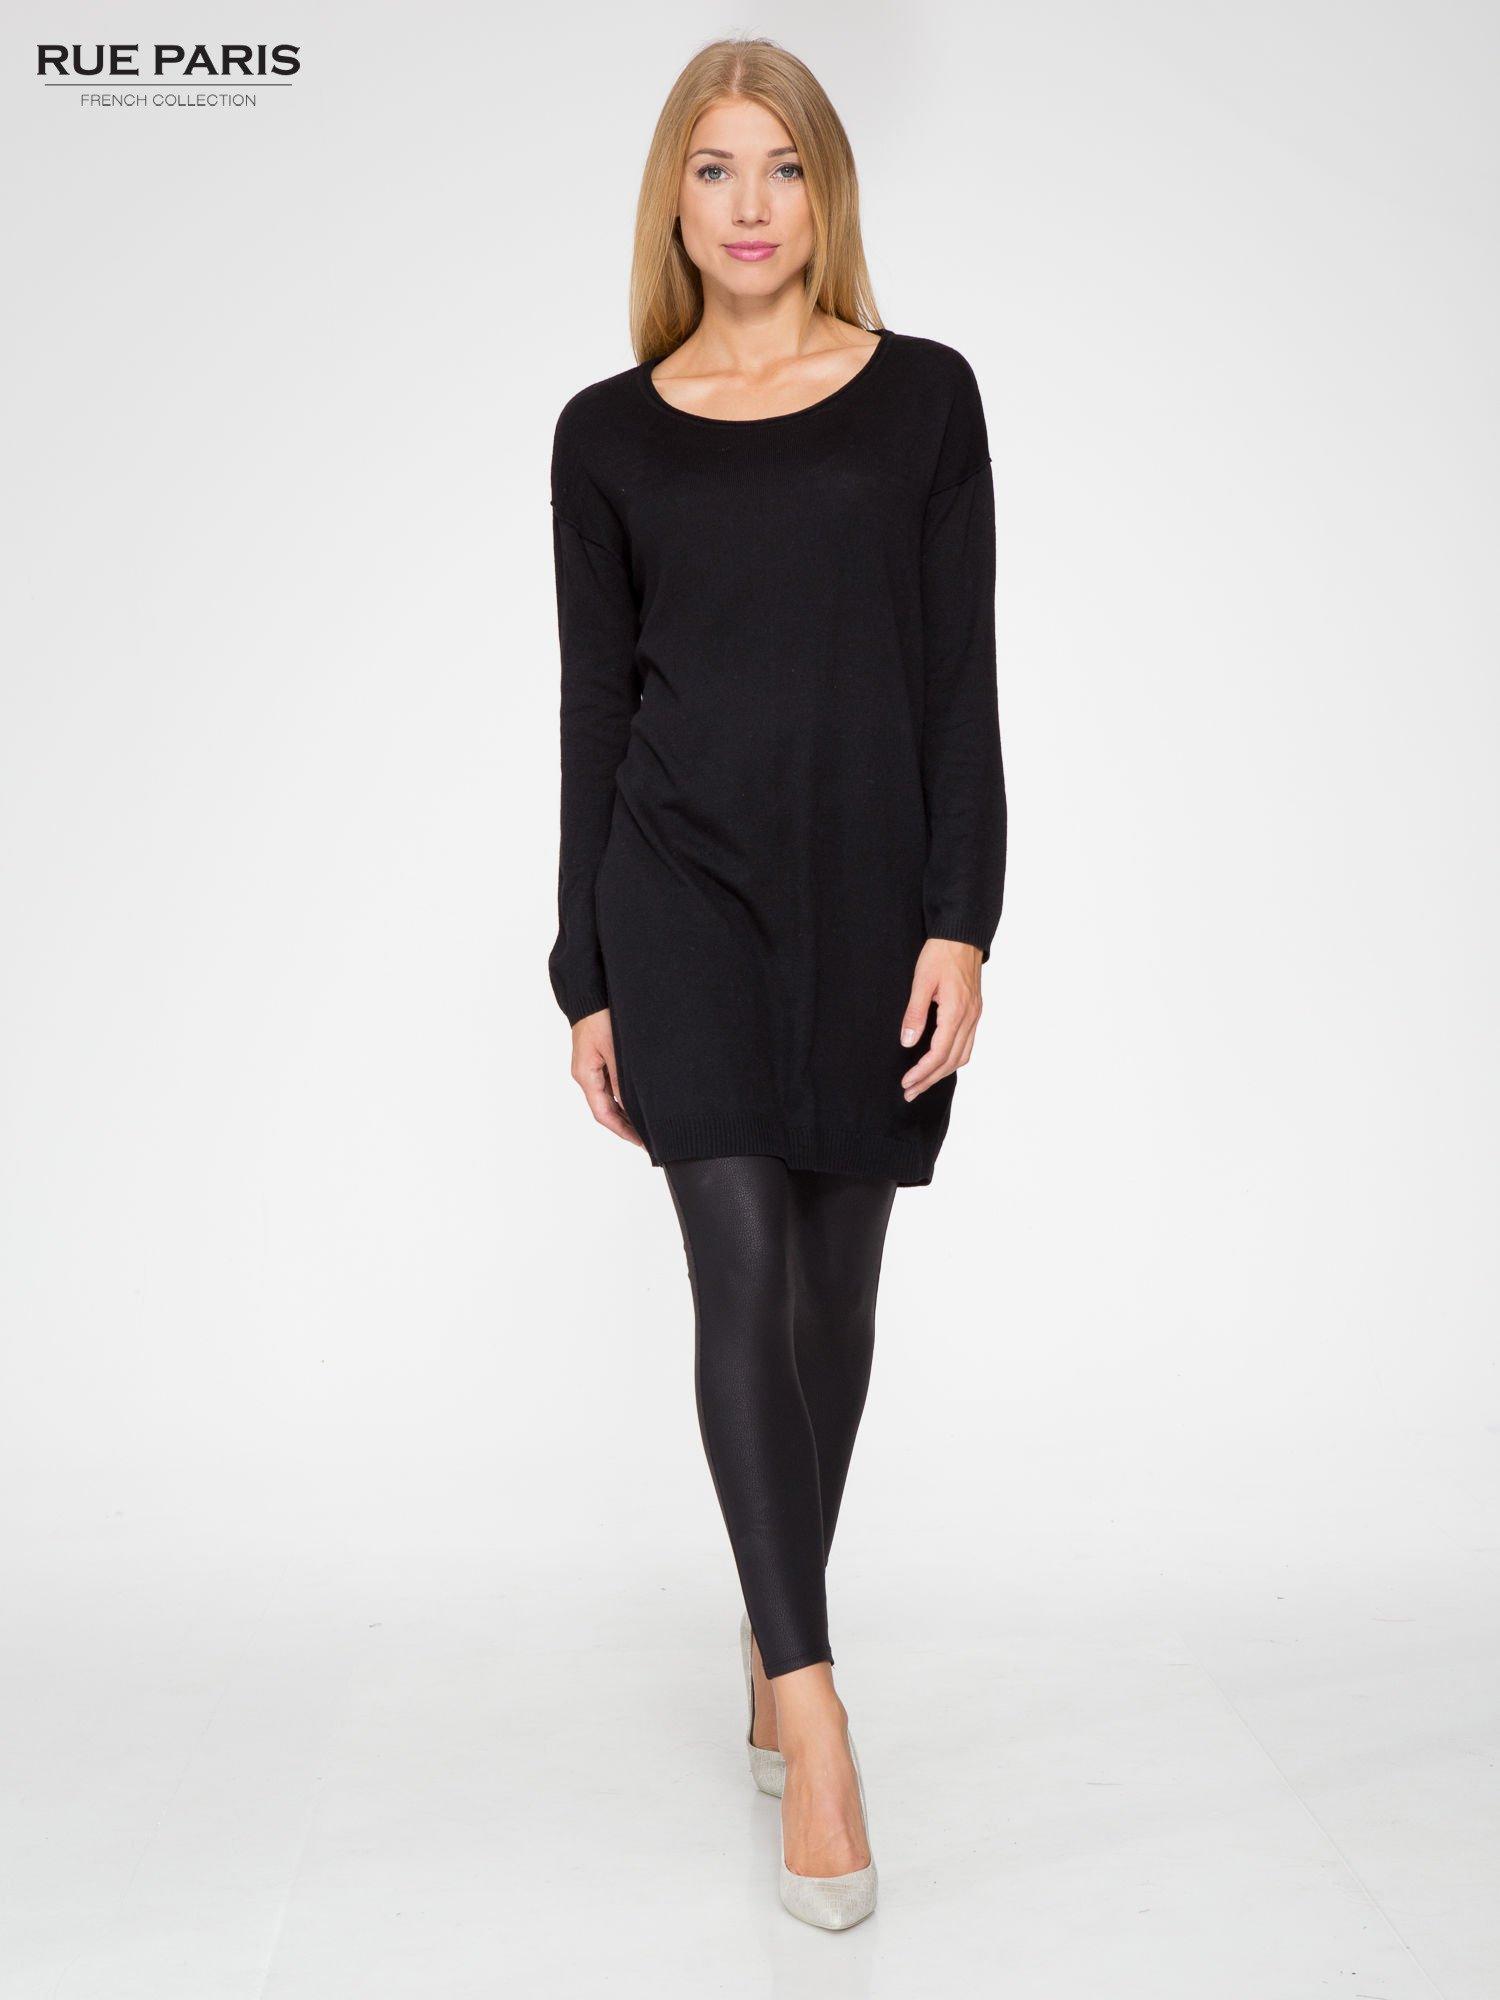 Czarna prosta dzianinowa sukienka                                  zdj.                                  2